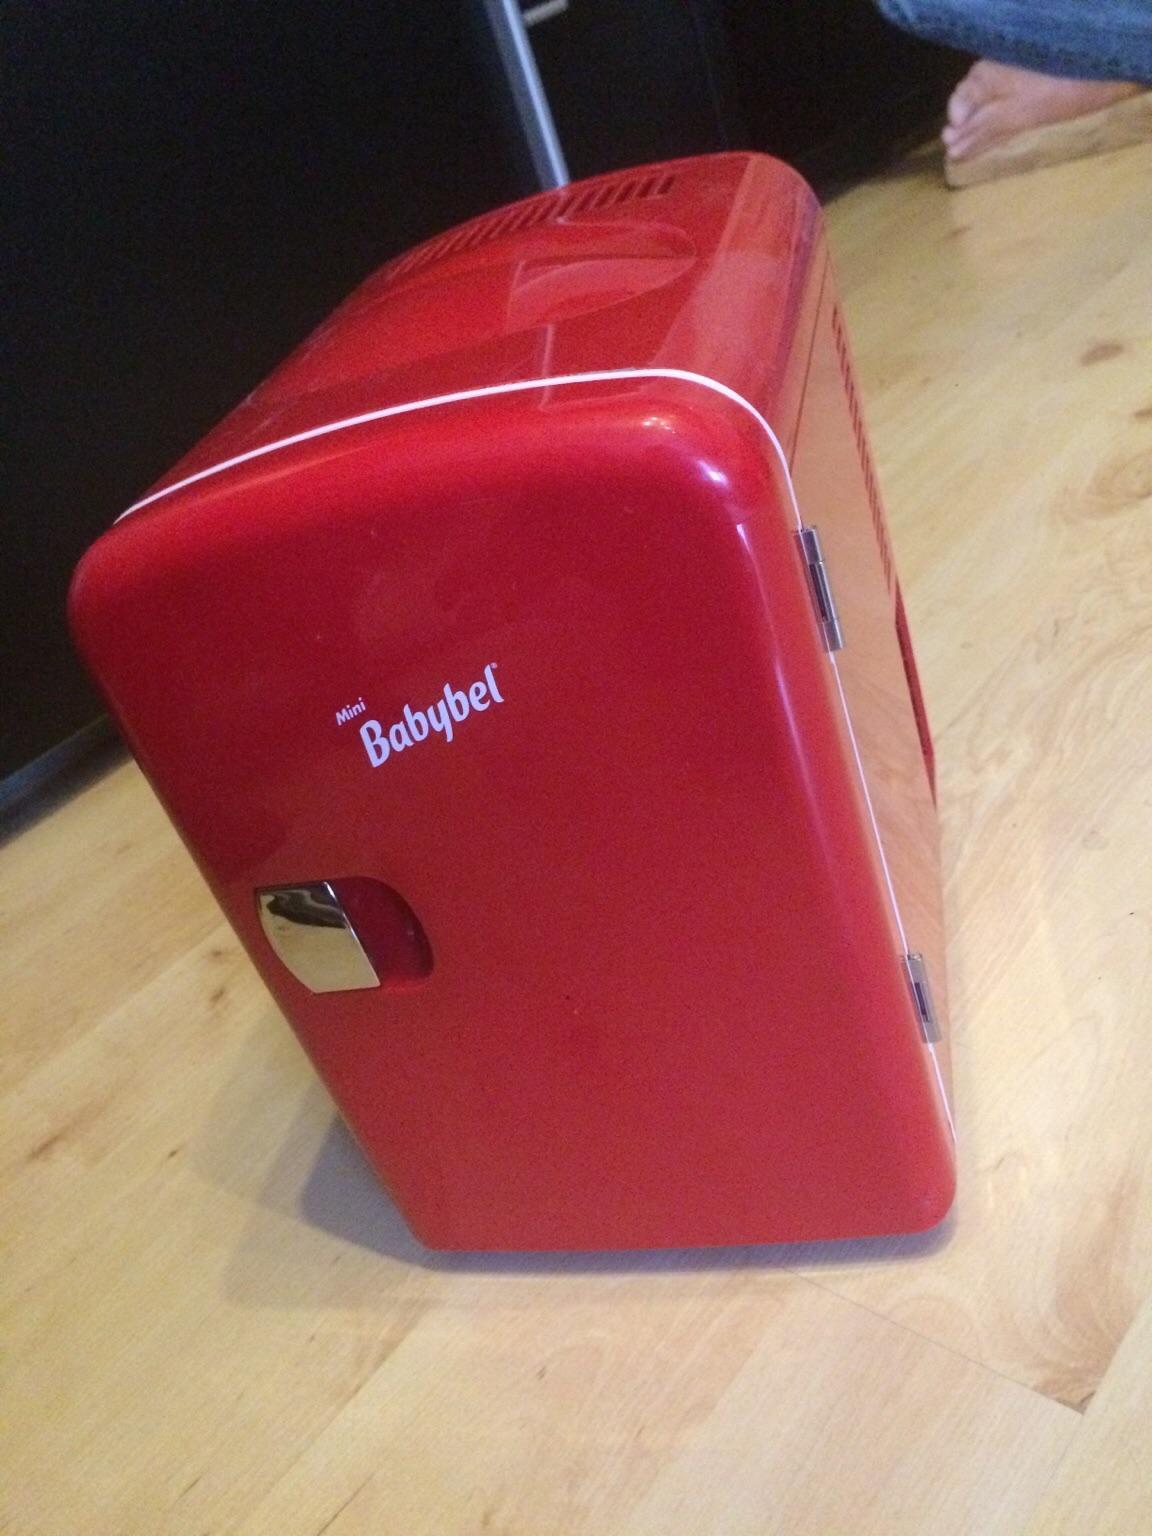 Mini Kühlschrank Red Bull Dose : Gebraucht mini kühlschrank von babybel in münster um u ac